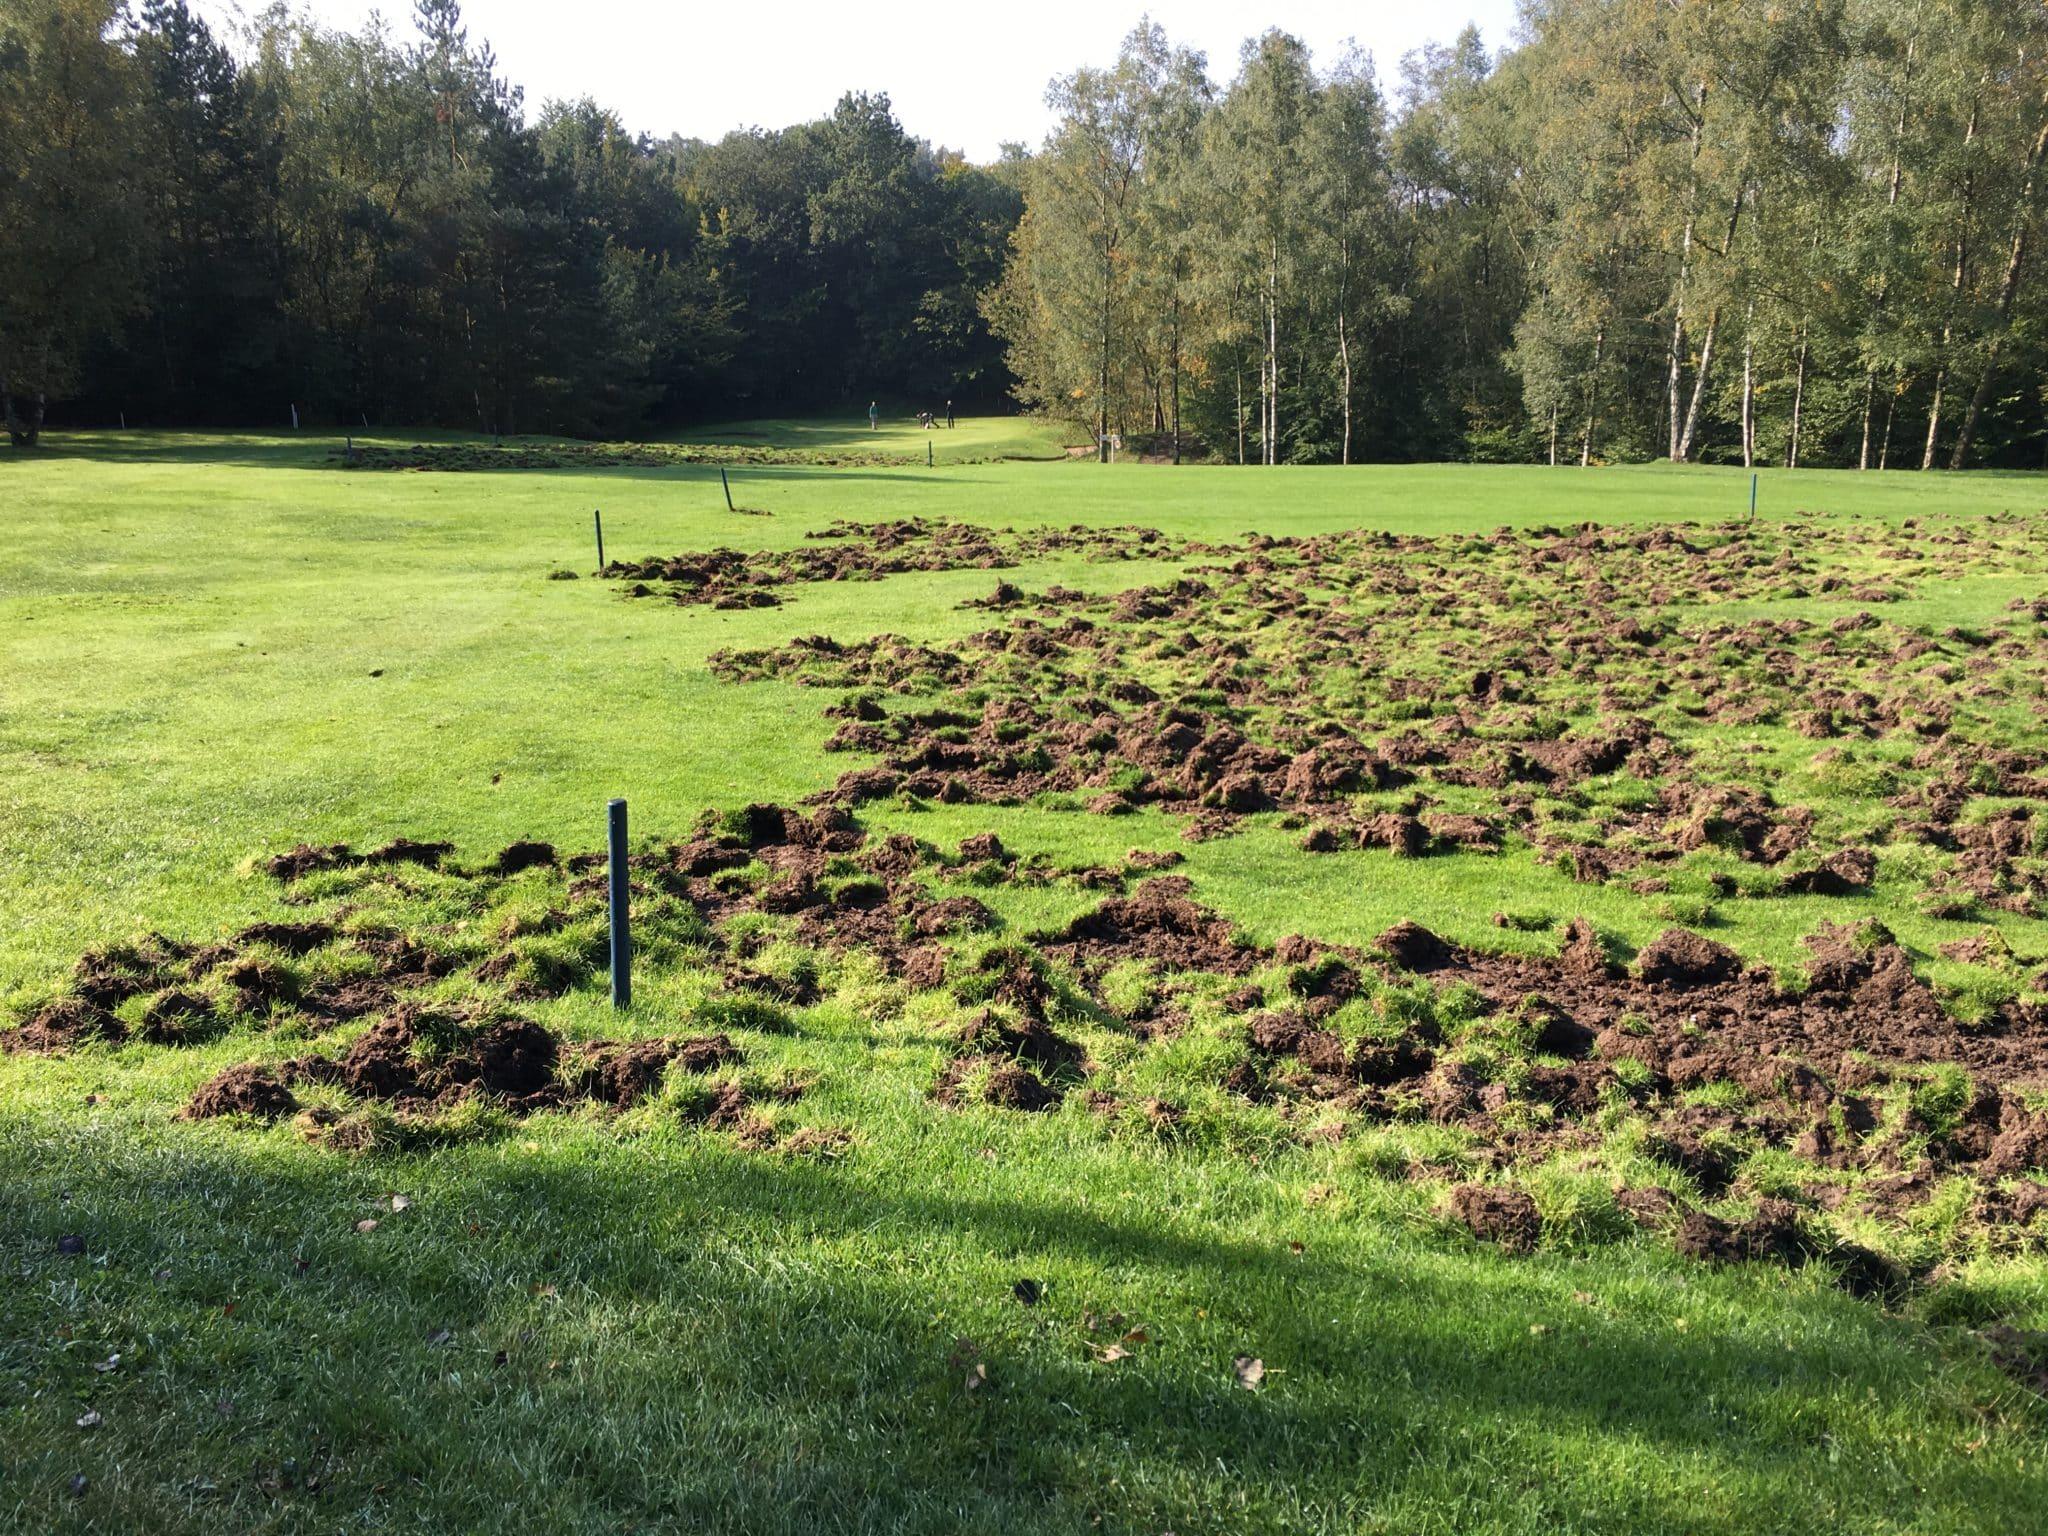 Wildschweinzaun Wildschweinschutzzaun Bahn auf Golfplatz nicht bespielbar Elektrozaun für Golfer